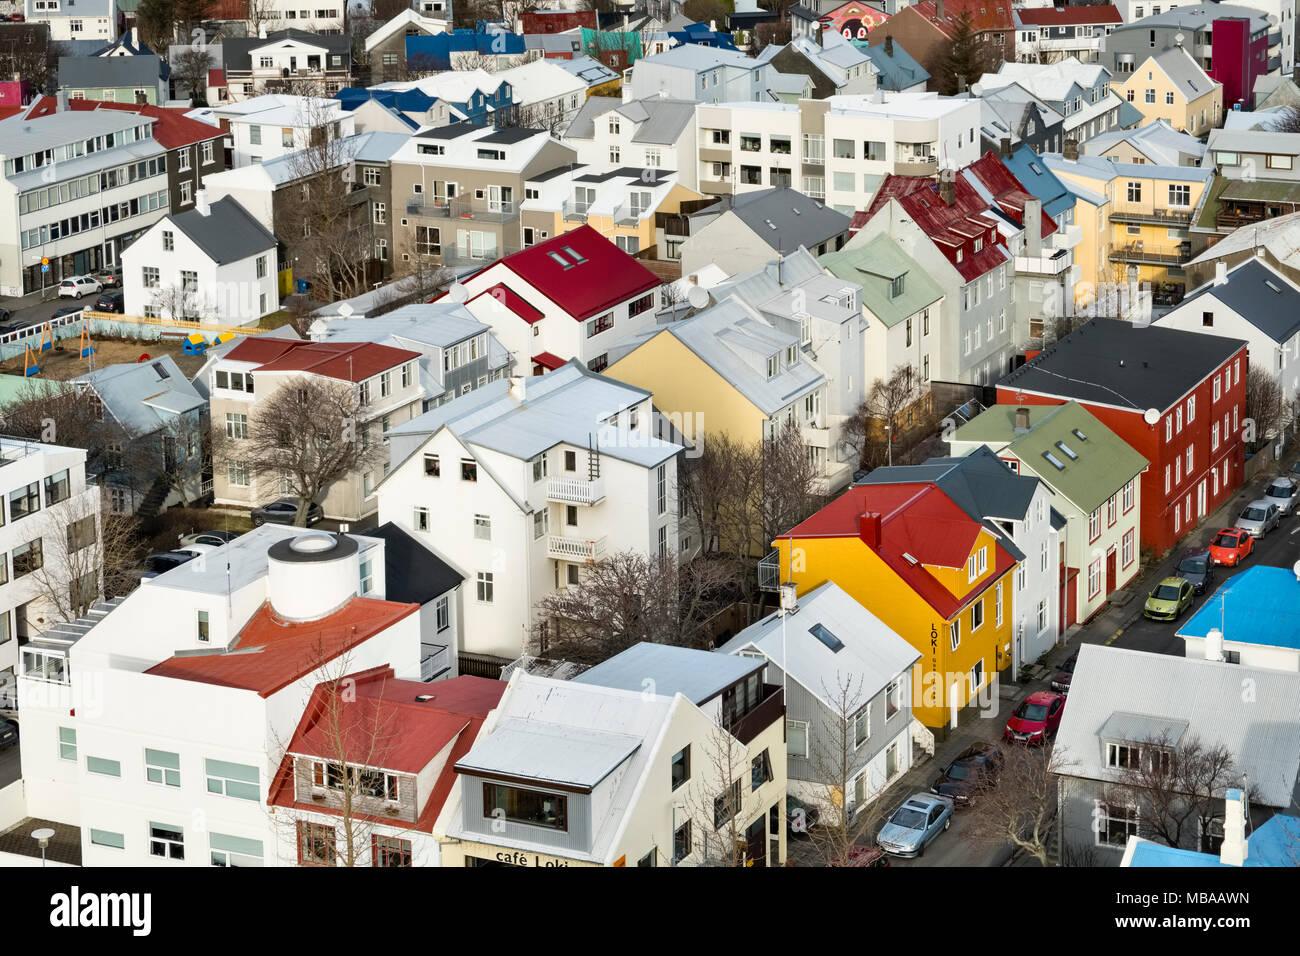 Reykjavik, Island. Der Blick vom Turm der Kirche Hallgrimskirkja über die bunt bemalten Häuser im Zentrum der Stadt Stockbild